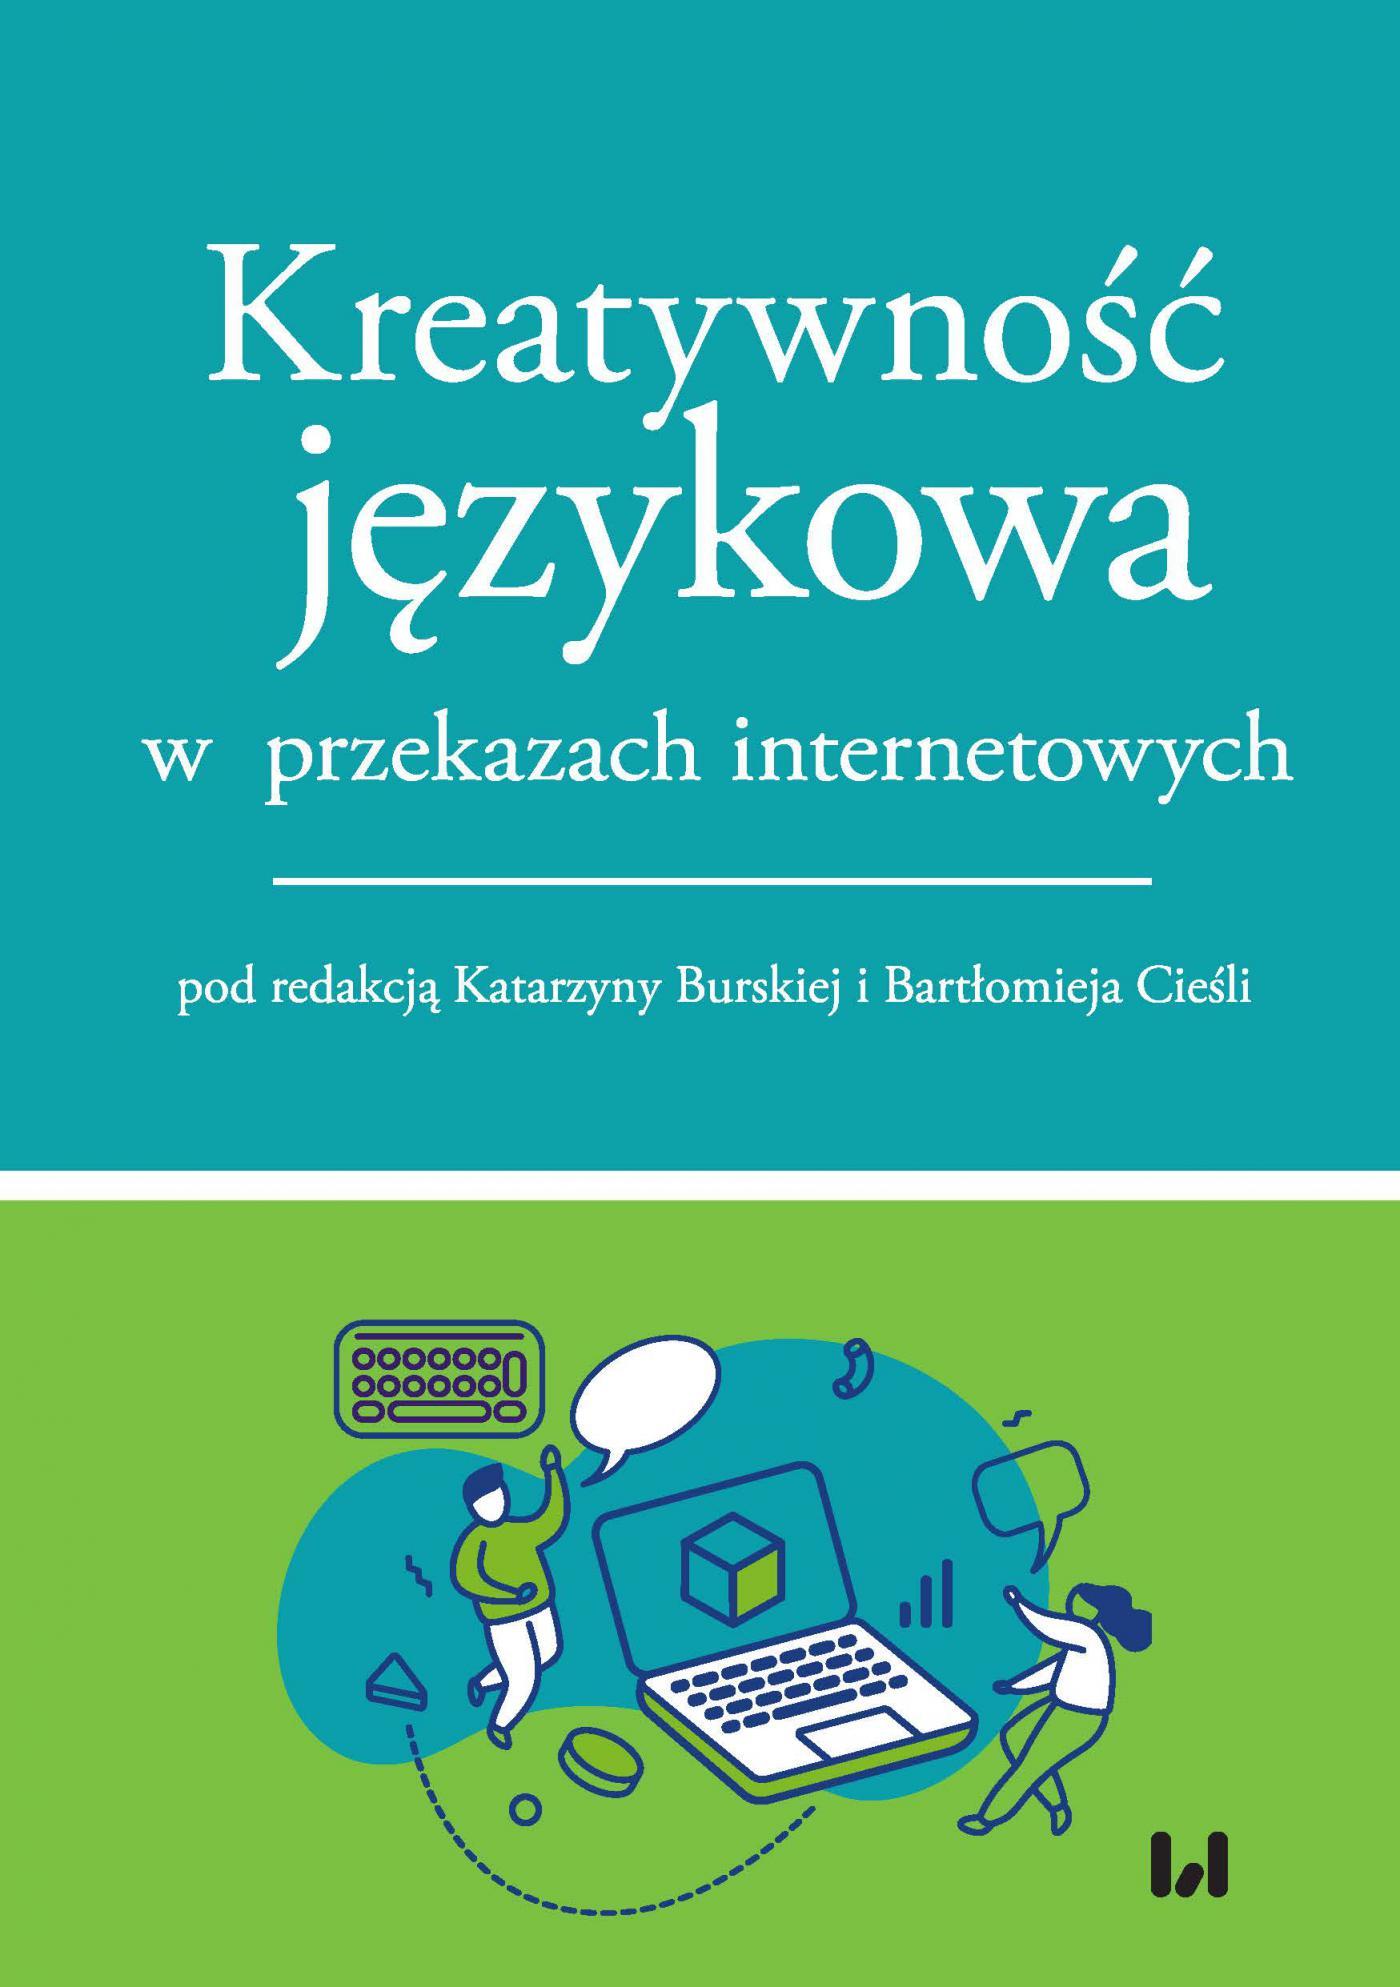 Kreatywność językowa w przekazach internetowych - Ebook (Książka PDF) do pobrania w formacie PDF